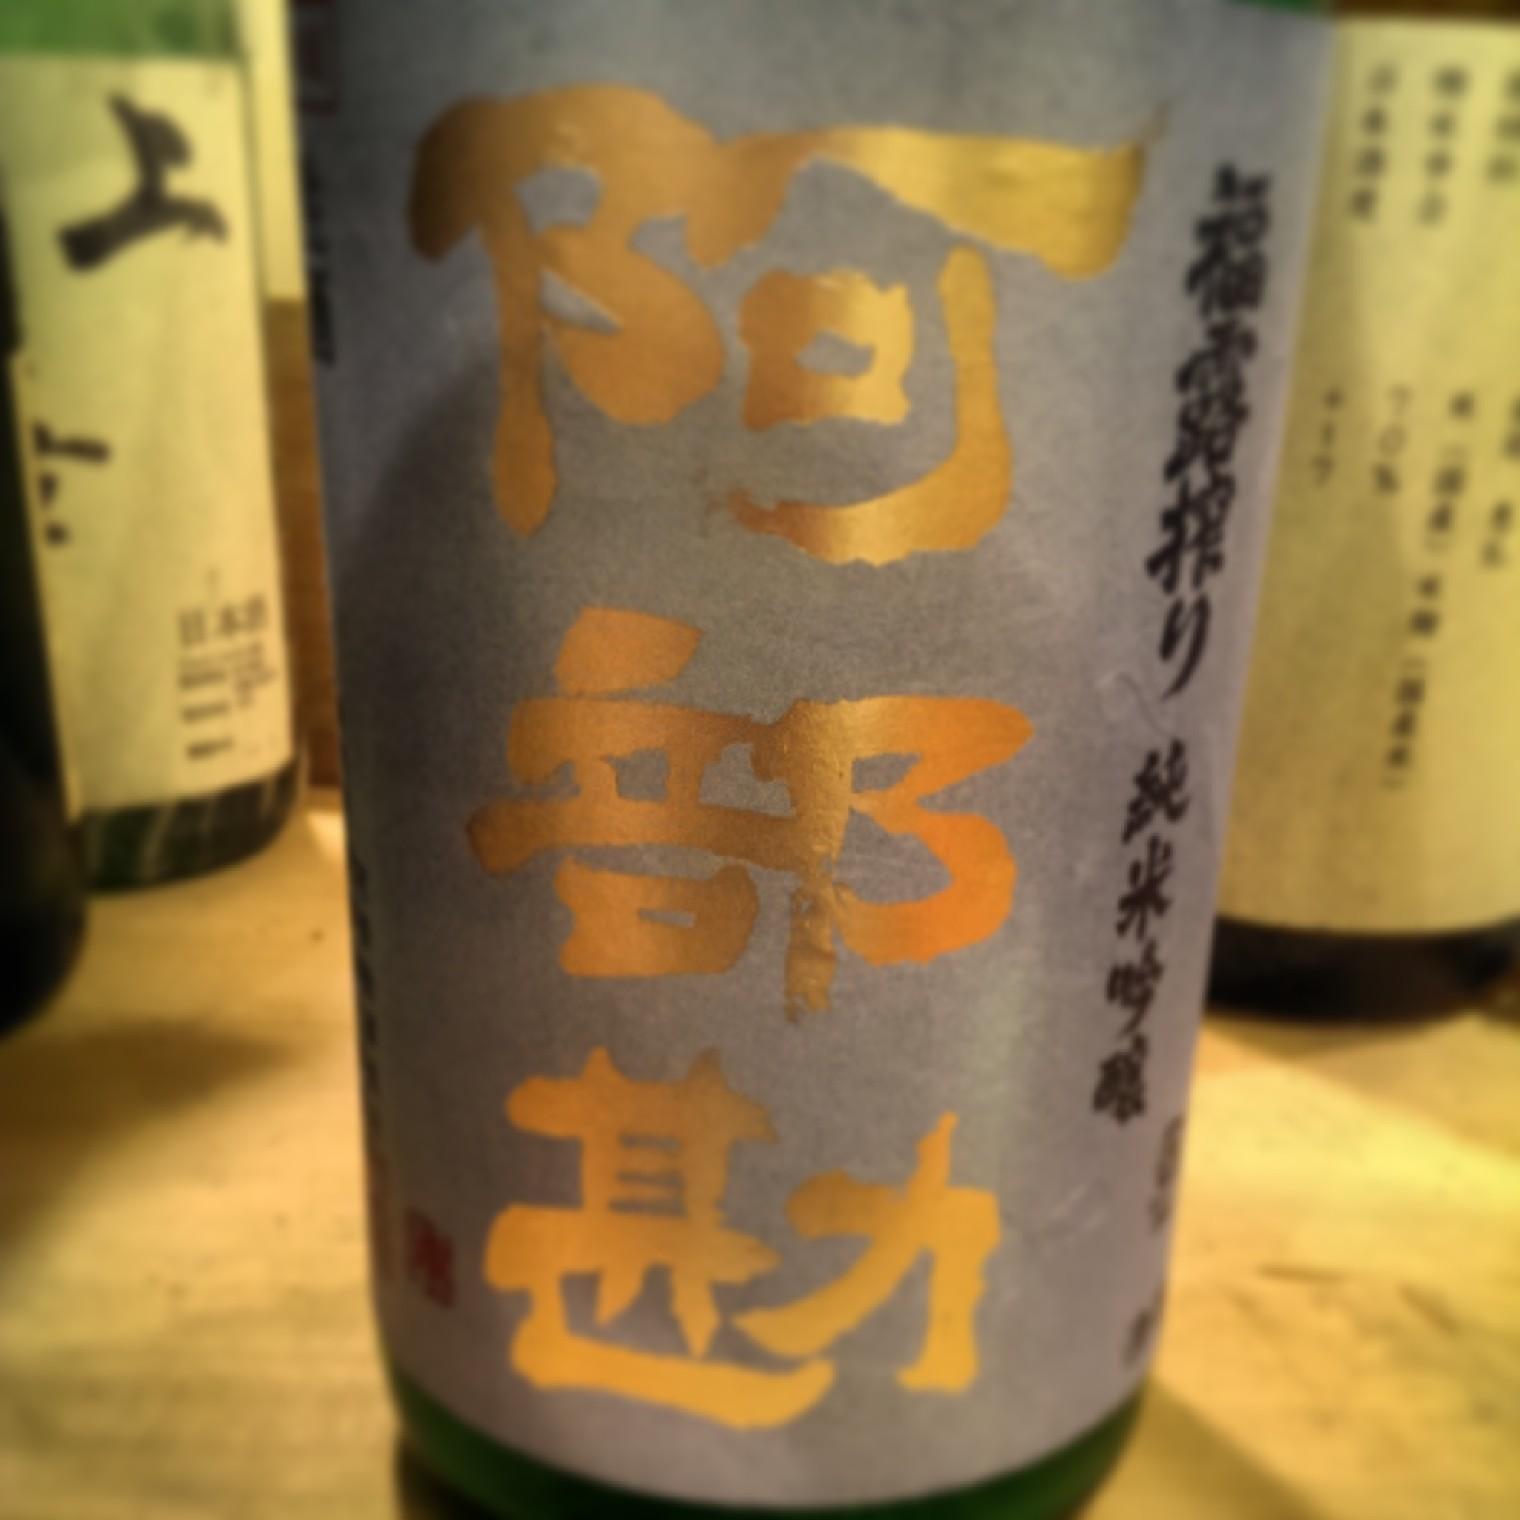 阿部勘 福露搾り 純米吟醸 霞酒